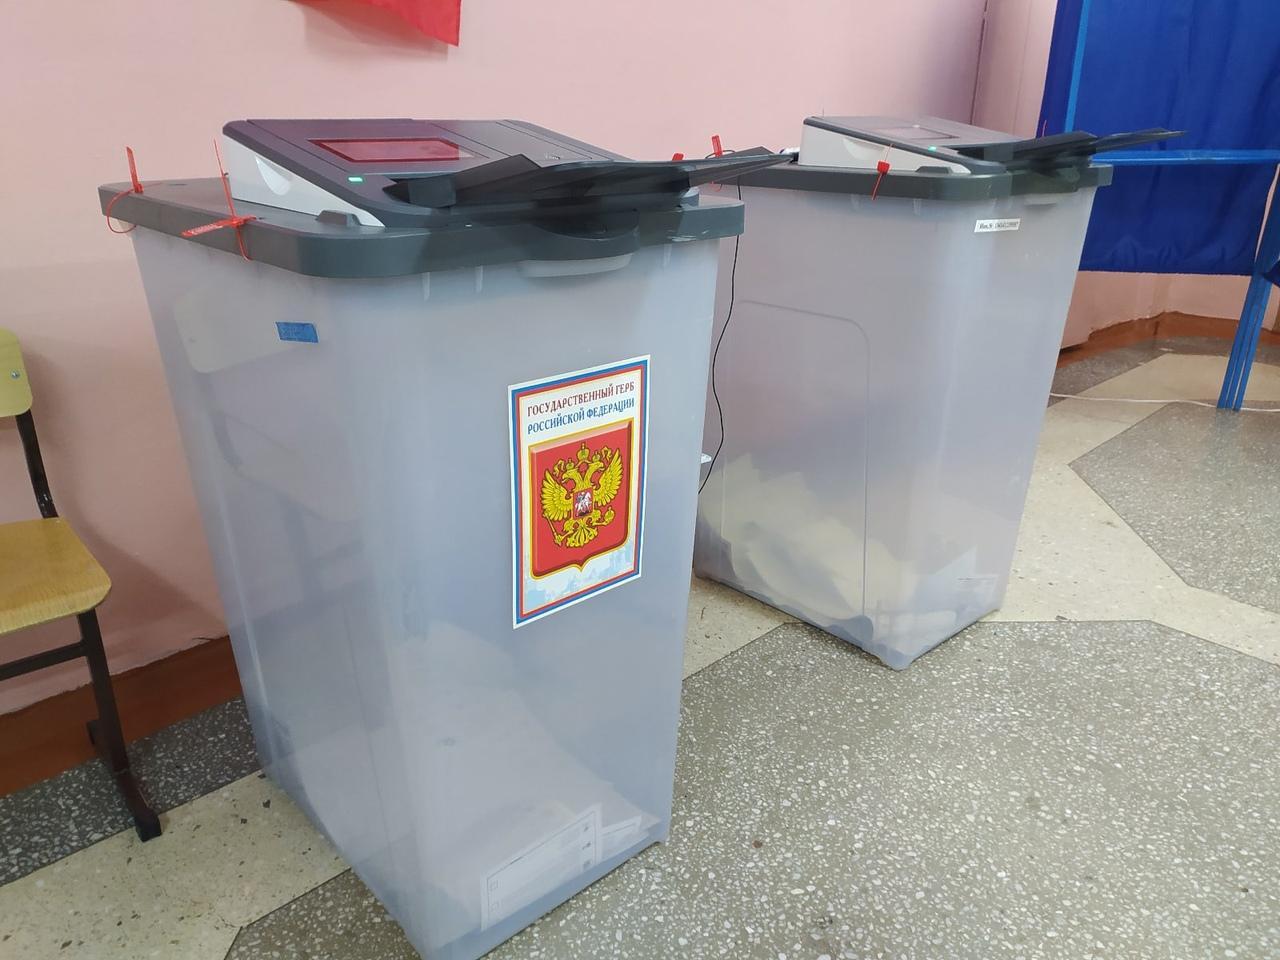 Фото Выборы в Новосибирске: онлайн дня голосования за депутатов Госдумы 19 сентября 2021 года 84